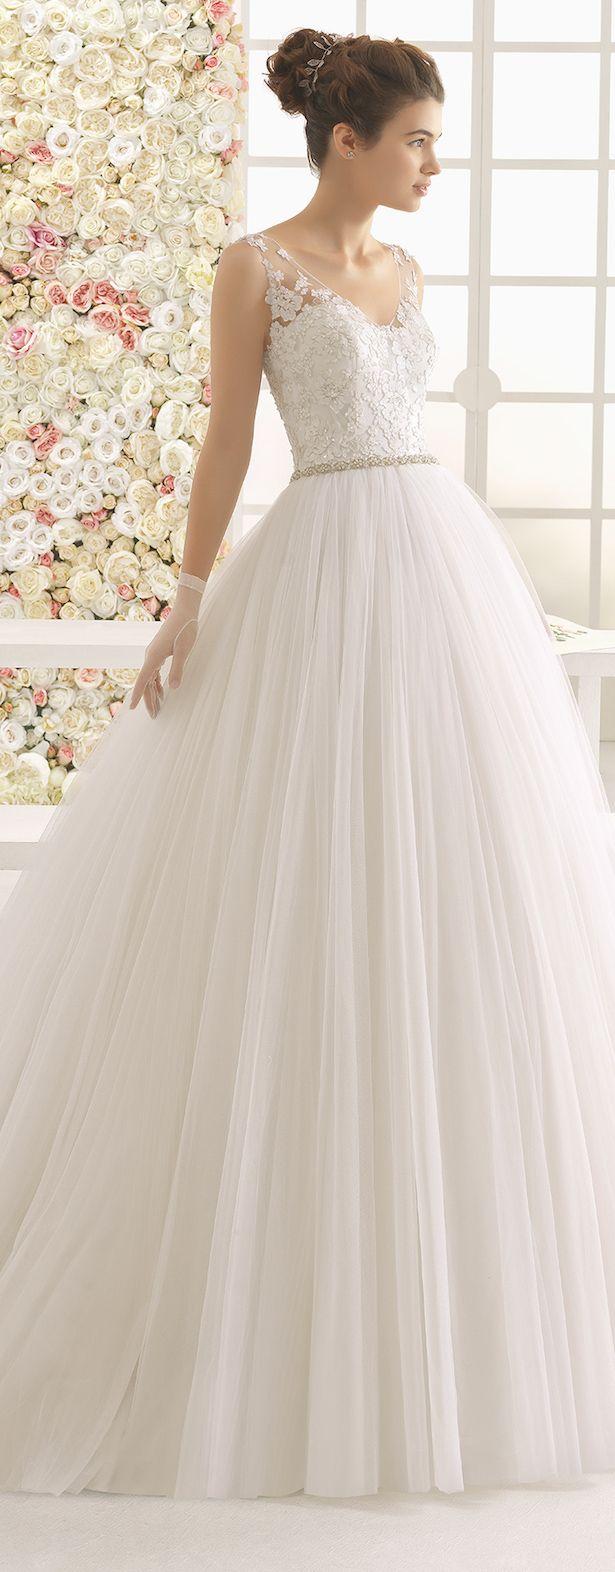 287 besten Hochzeitskleider Bilder auf Pinterest   Hochzeitskleider ...